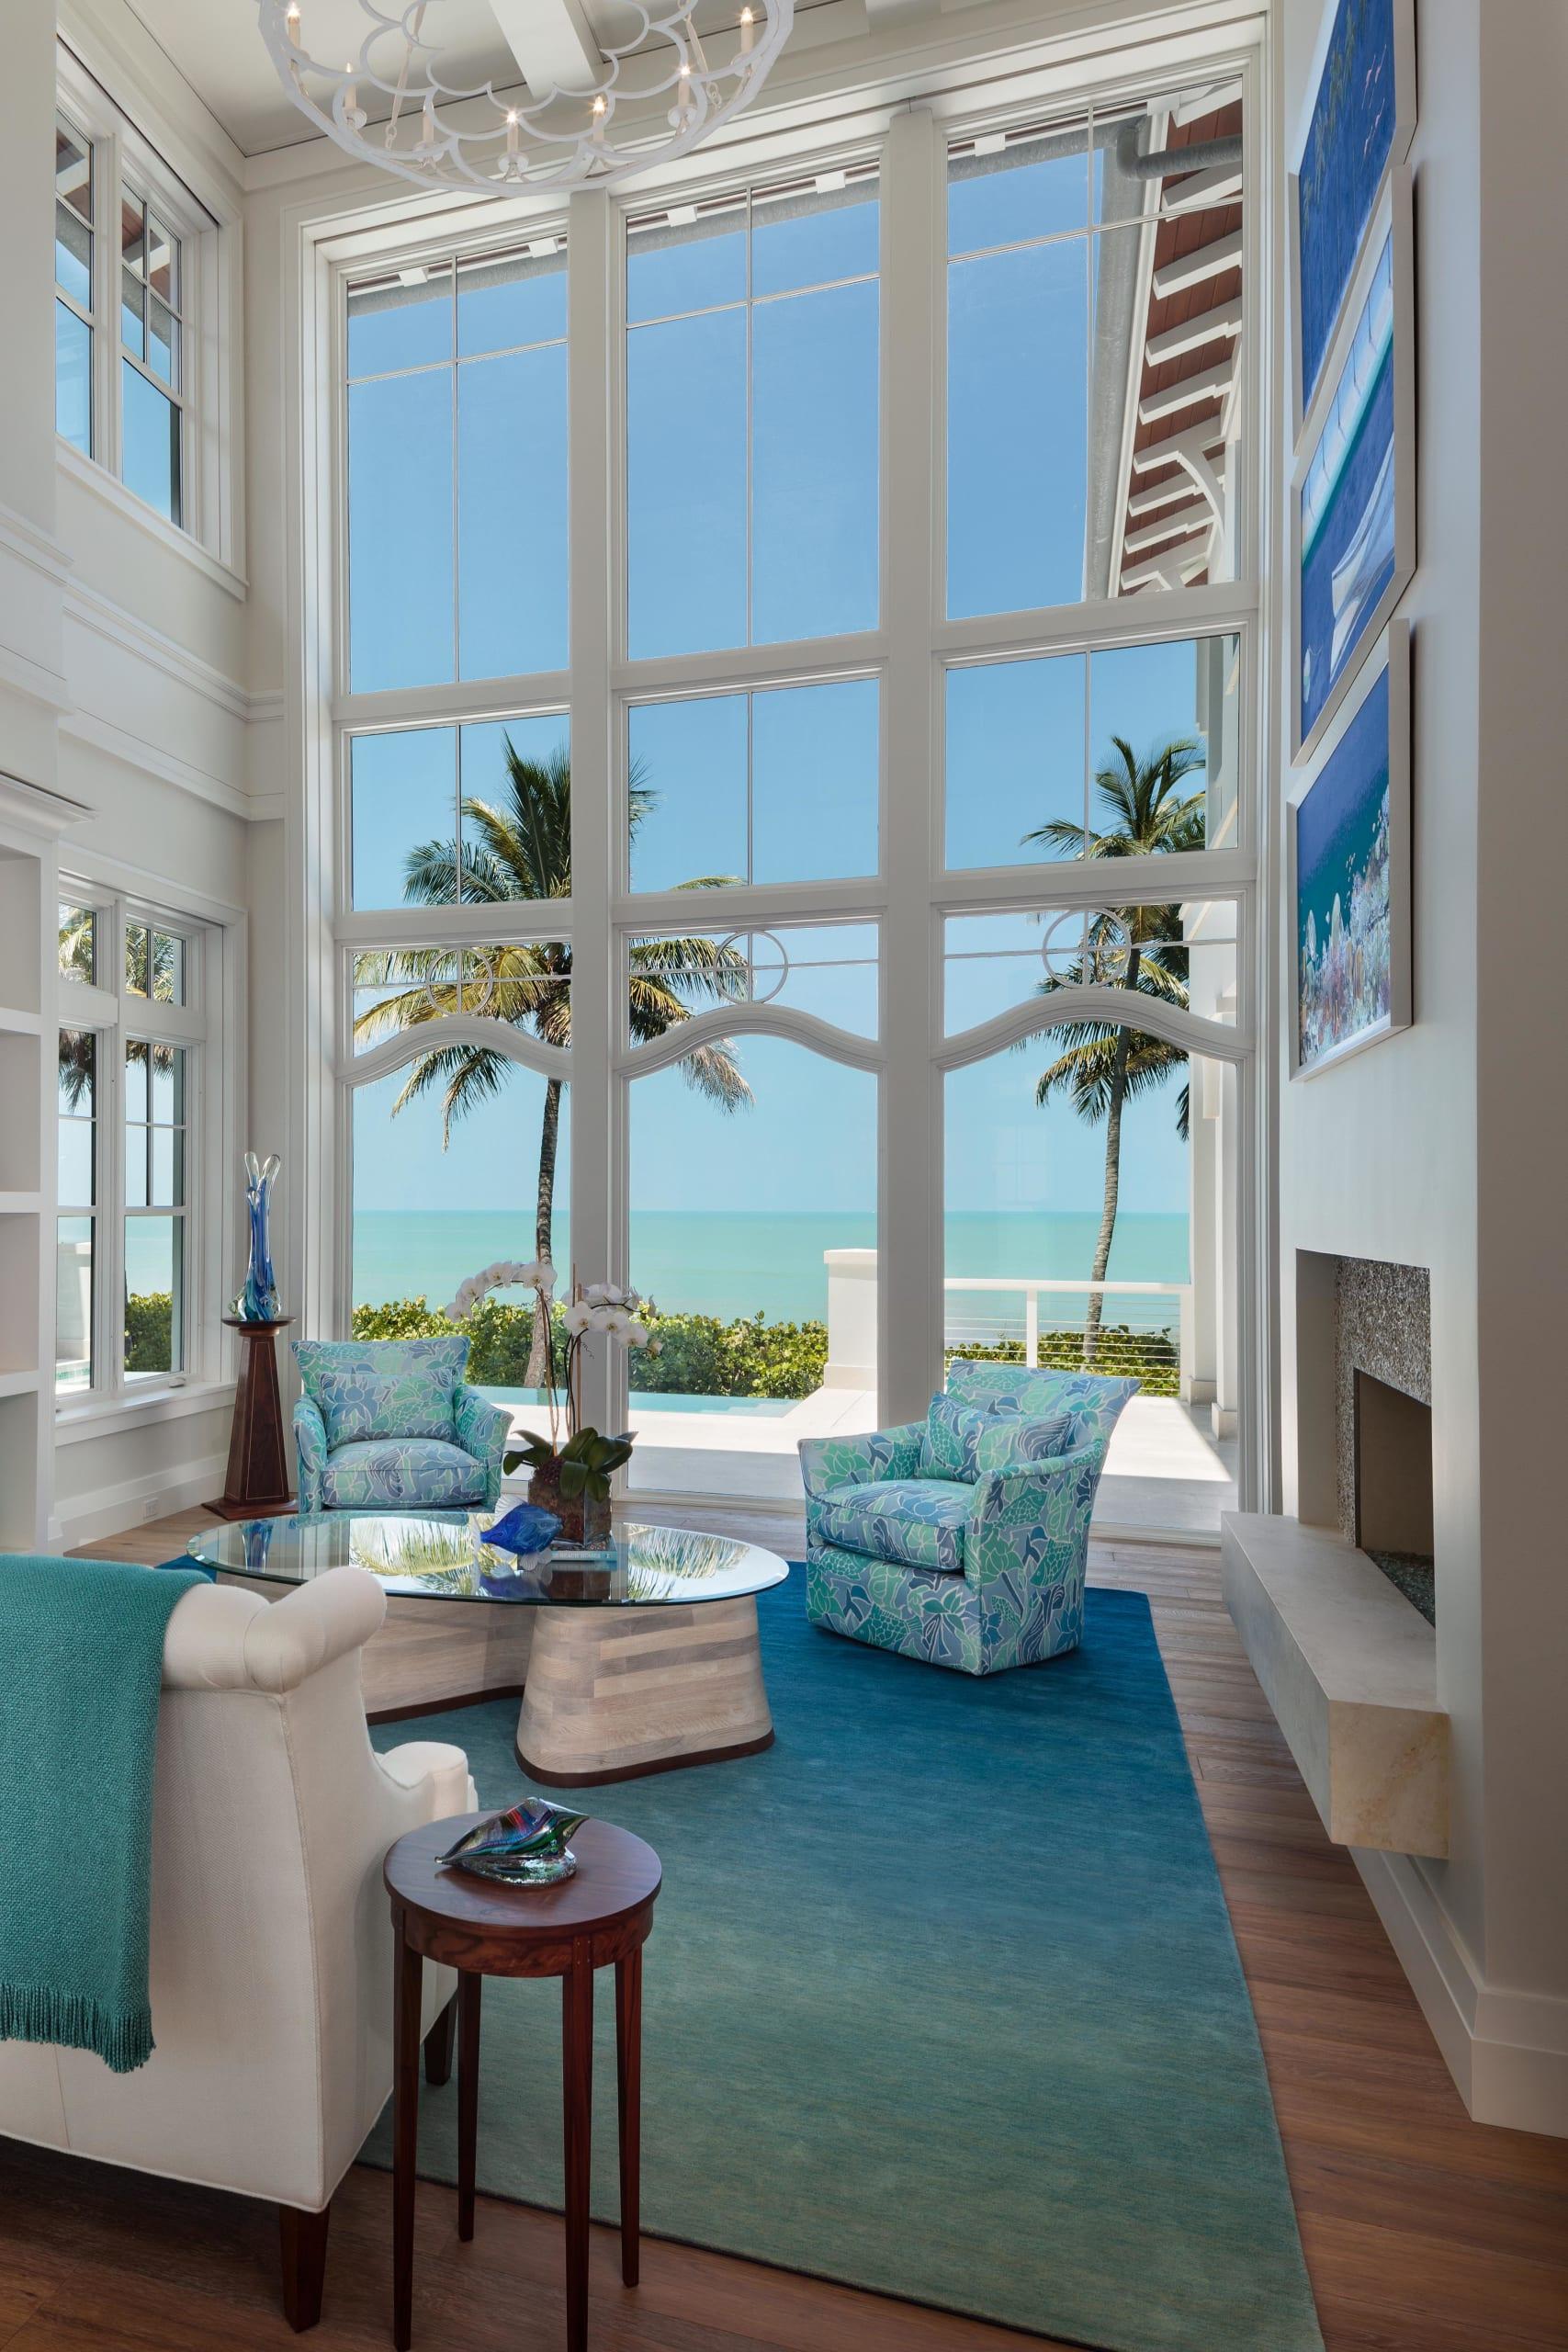 Naples, FL, residence